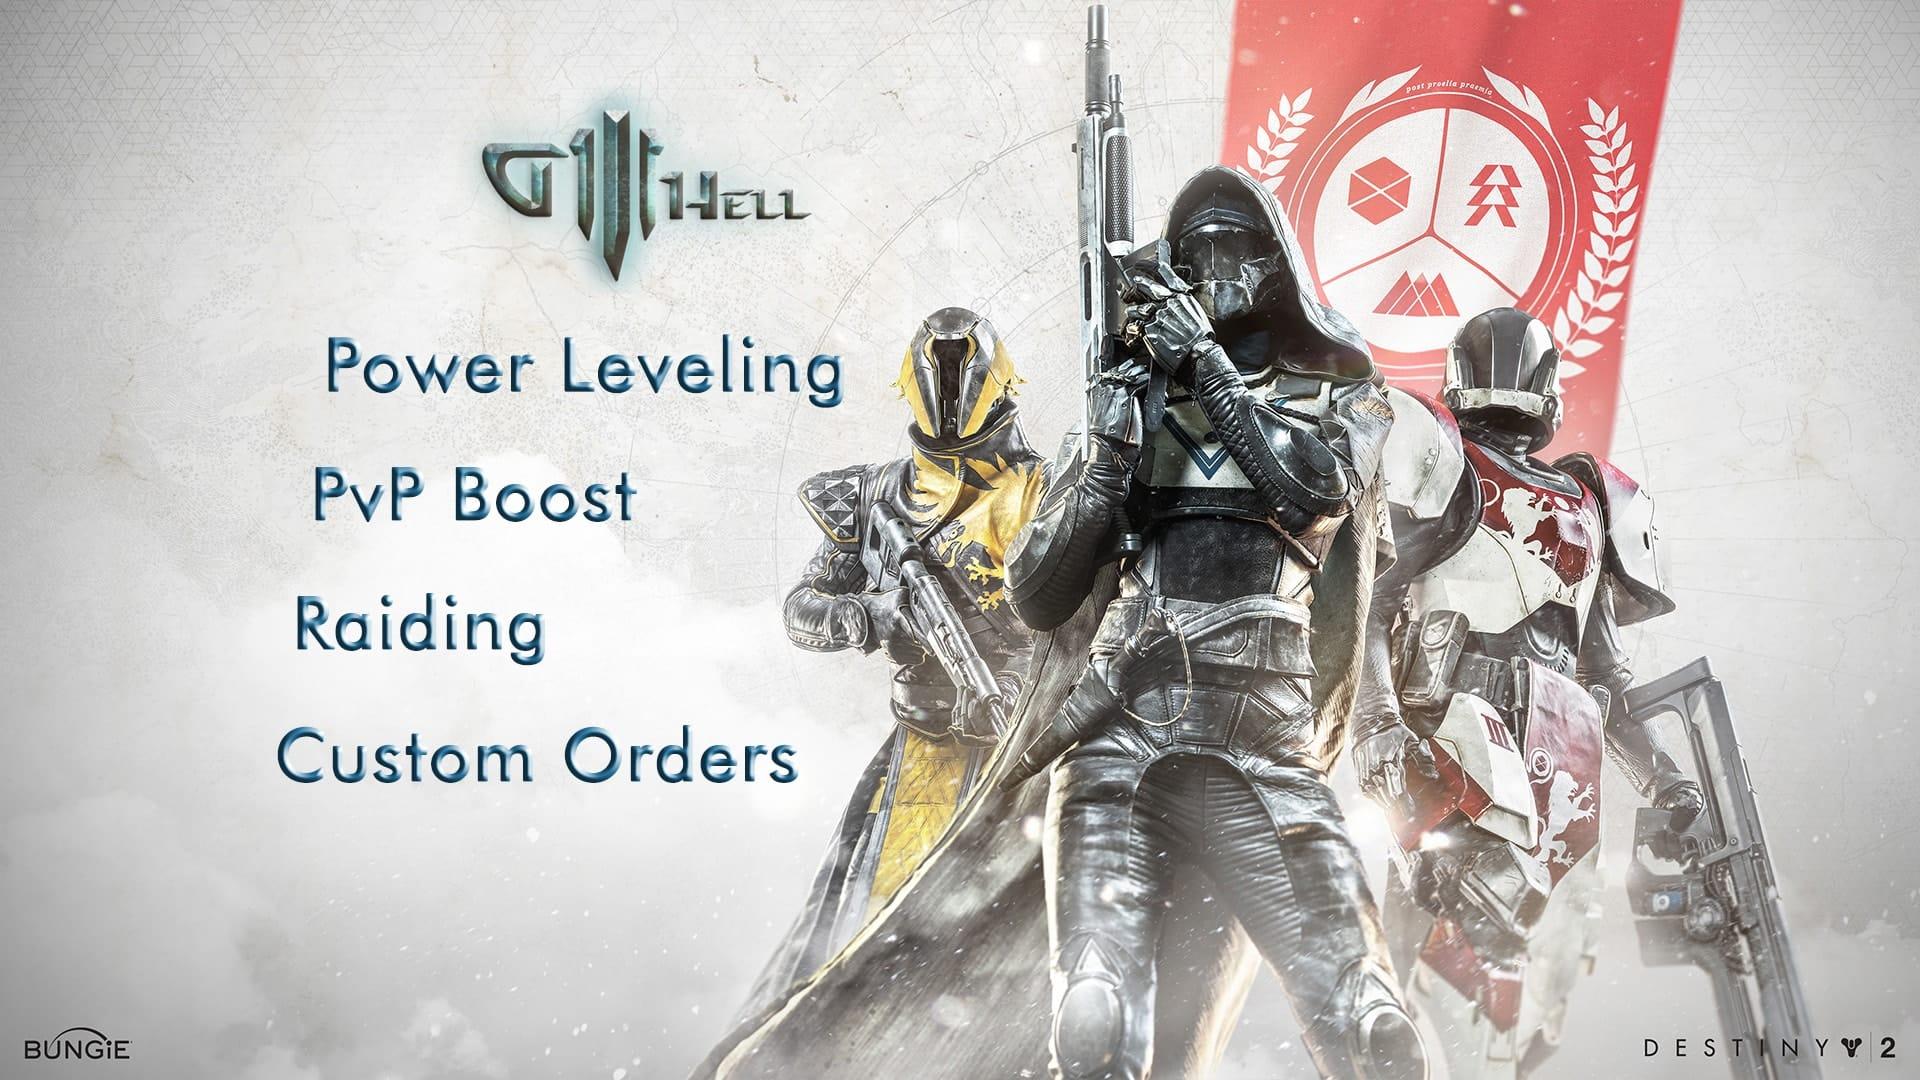 destiny 2 boost first look 1-min